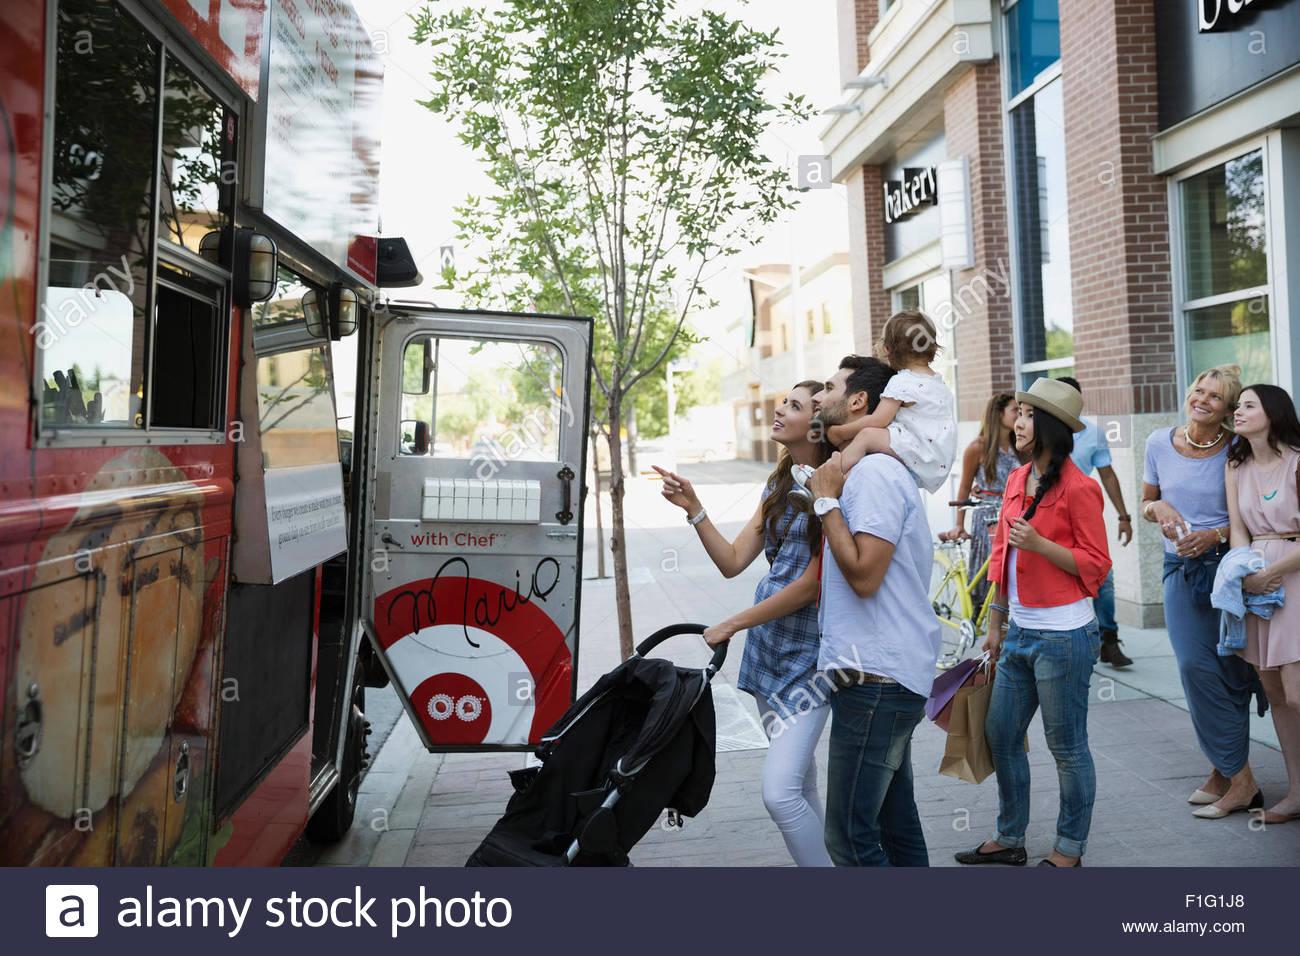 I clienti al di fuori del cibo carrello sul marciapiede Immagini Stock